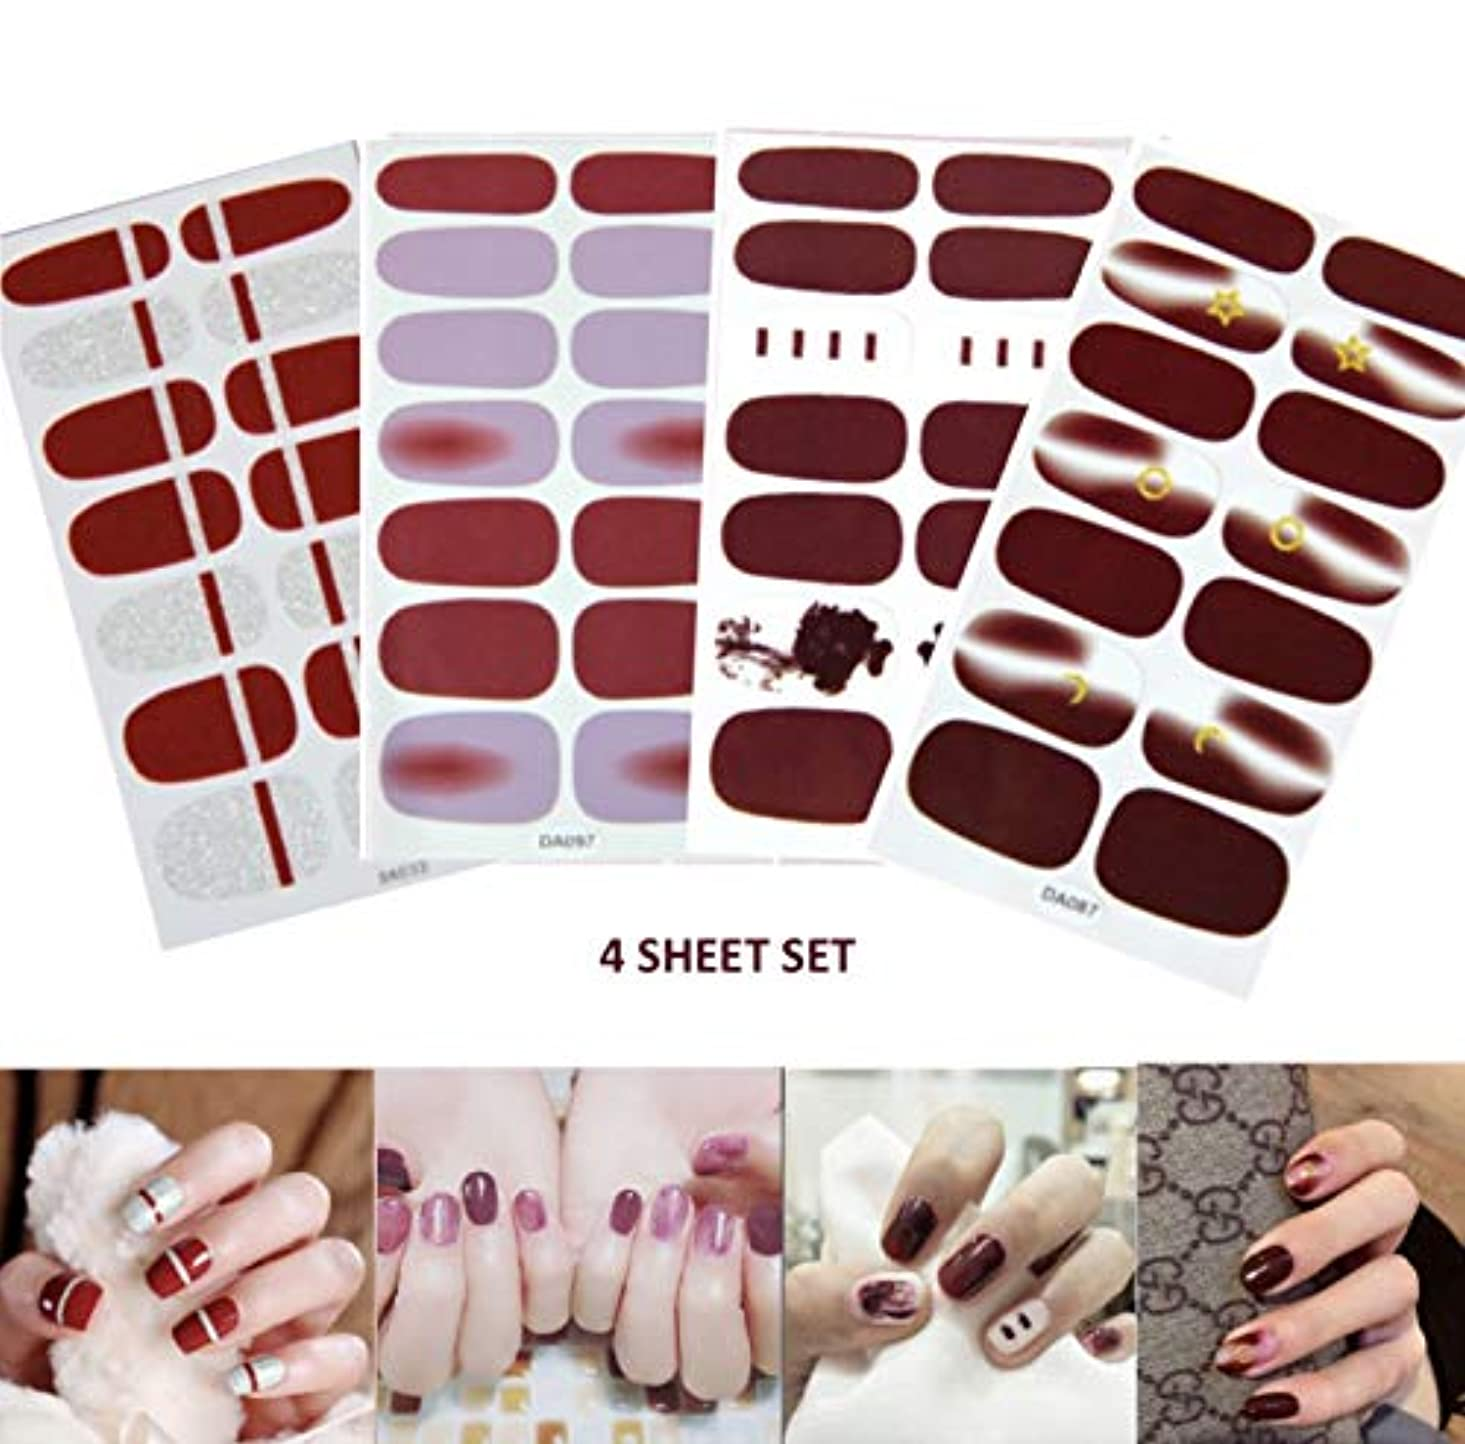 協力する気づかないにBEATON JAPAN ネイル シール 貼るだけ 簡単 4枚セット 56ピース 女子力アップ 白 花 ピンク ブラウン ゴージャス 可愛い (シックブラウン)